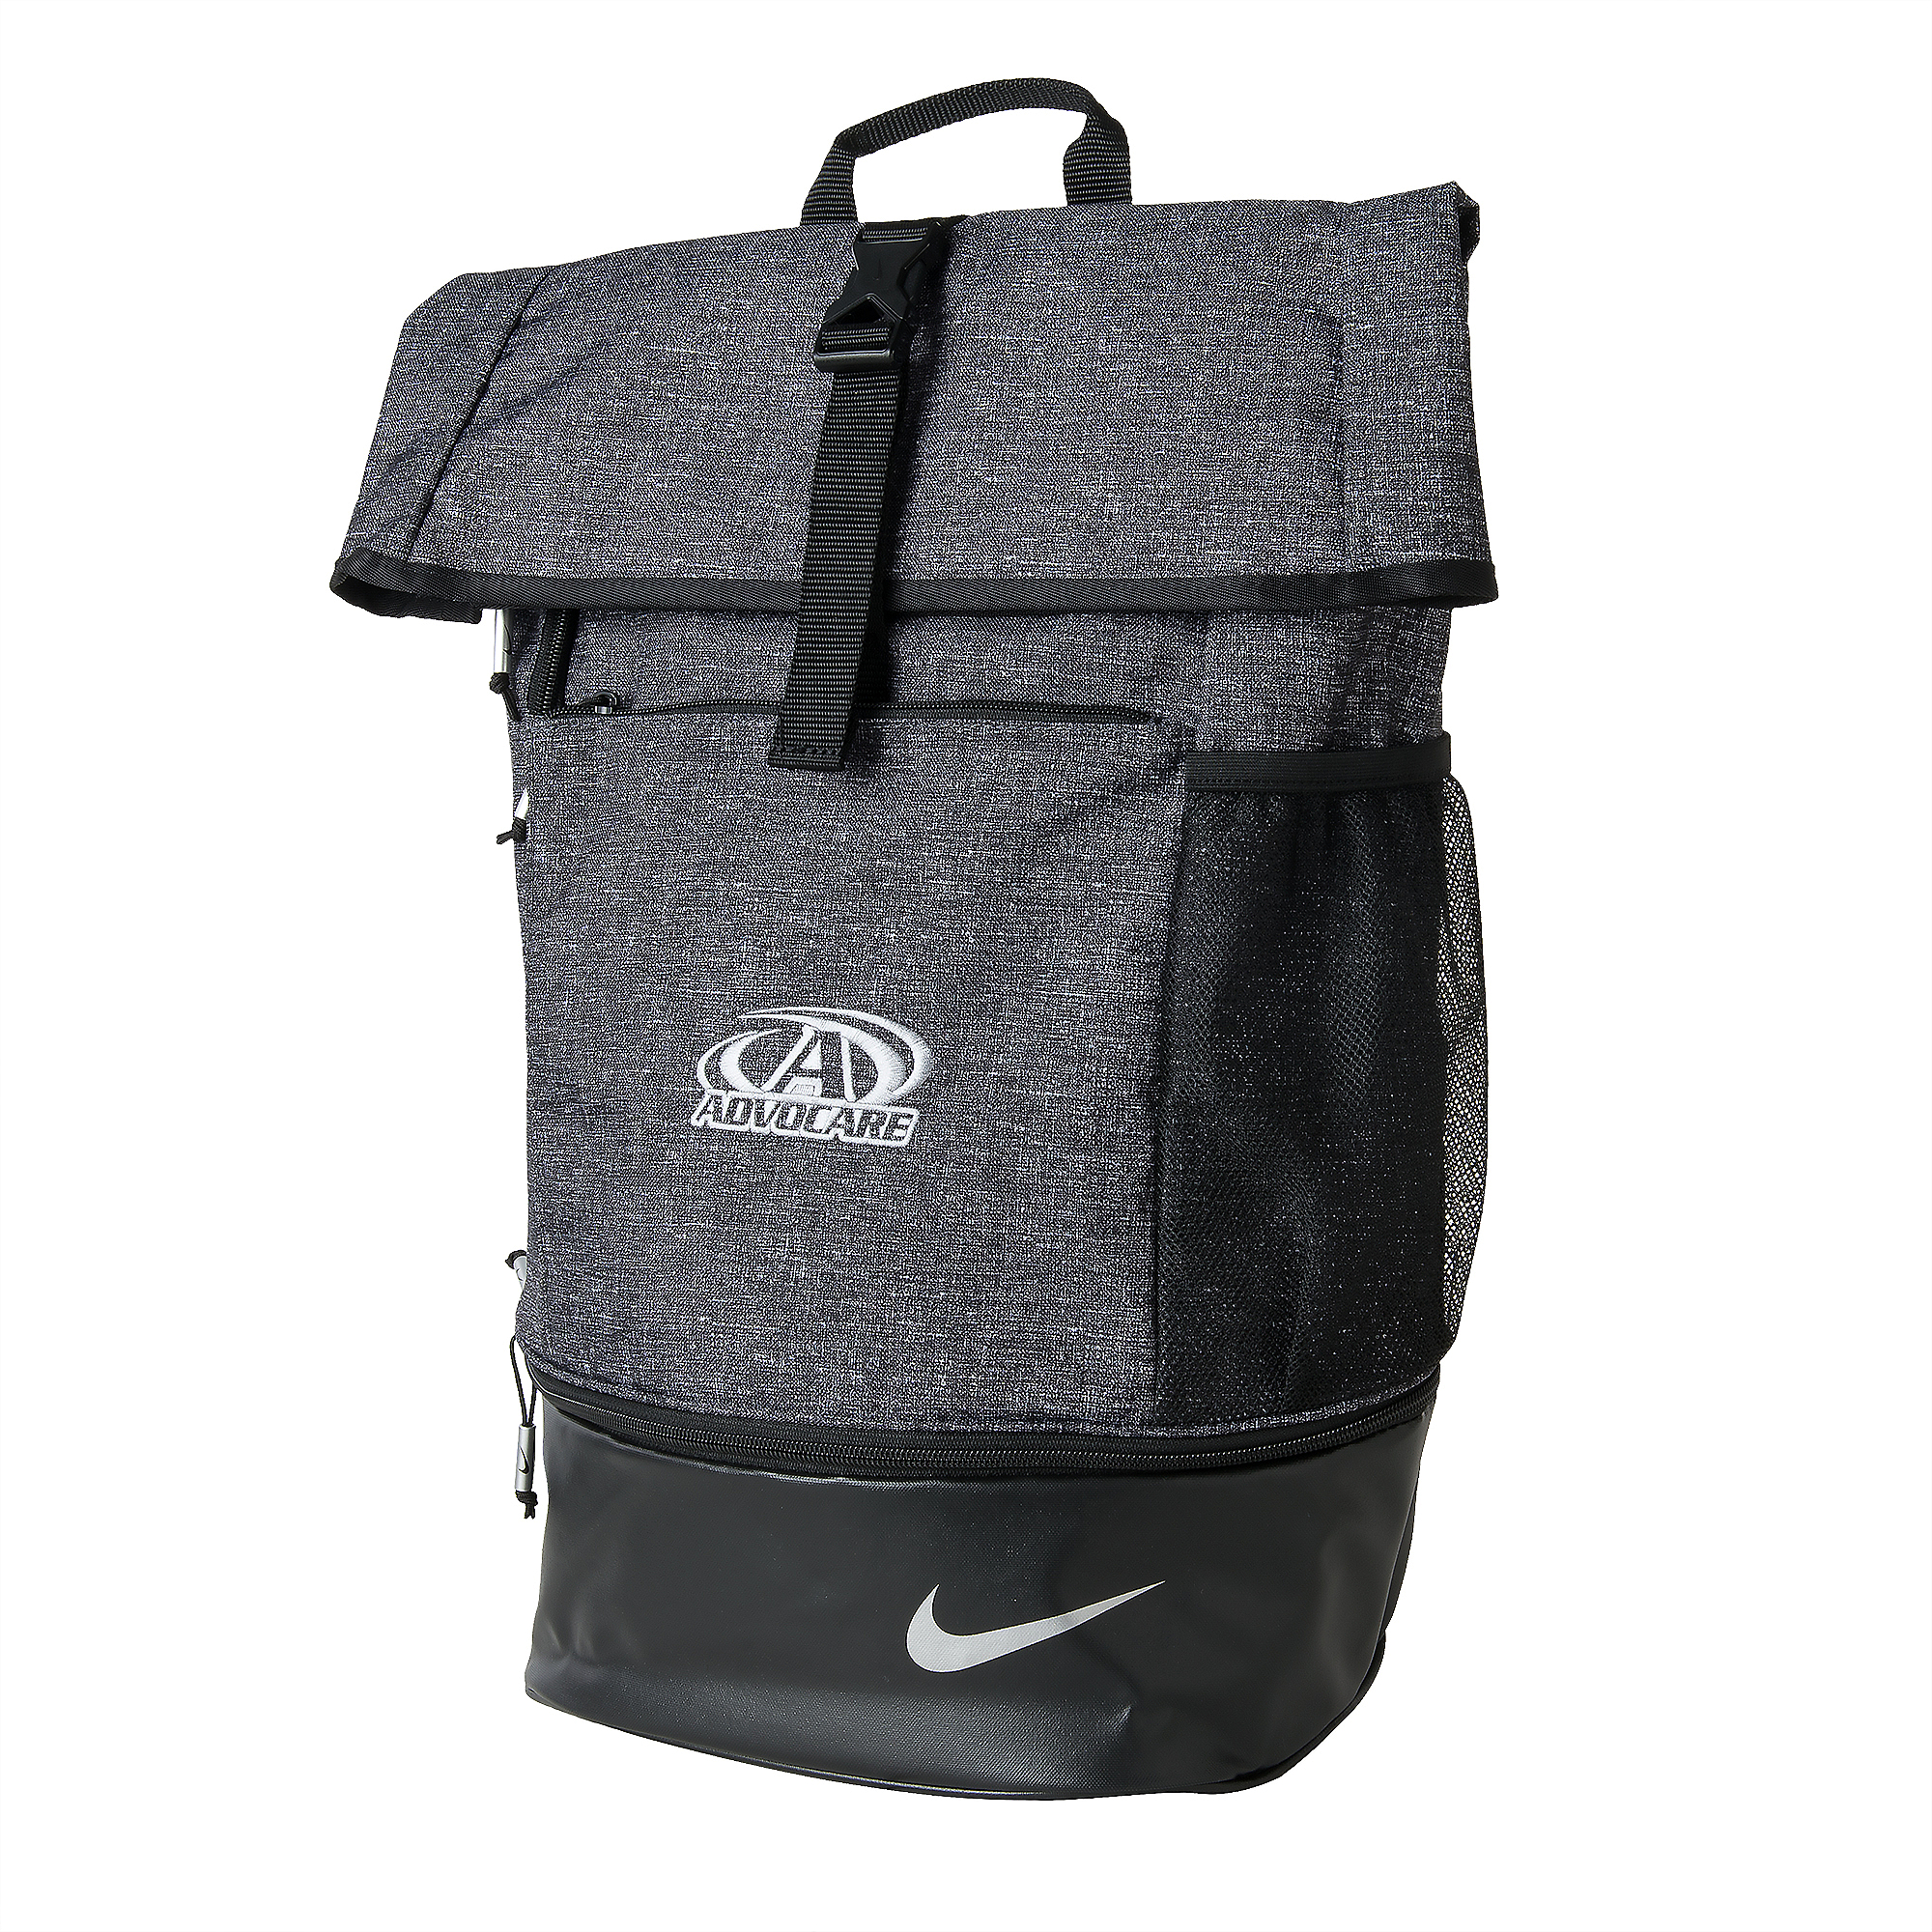 AdvoCare Sport Backpack